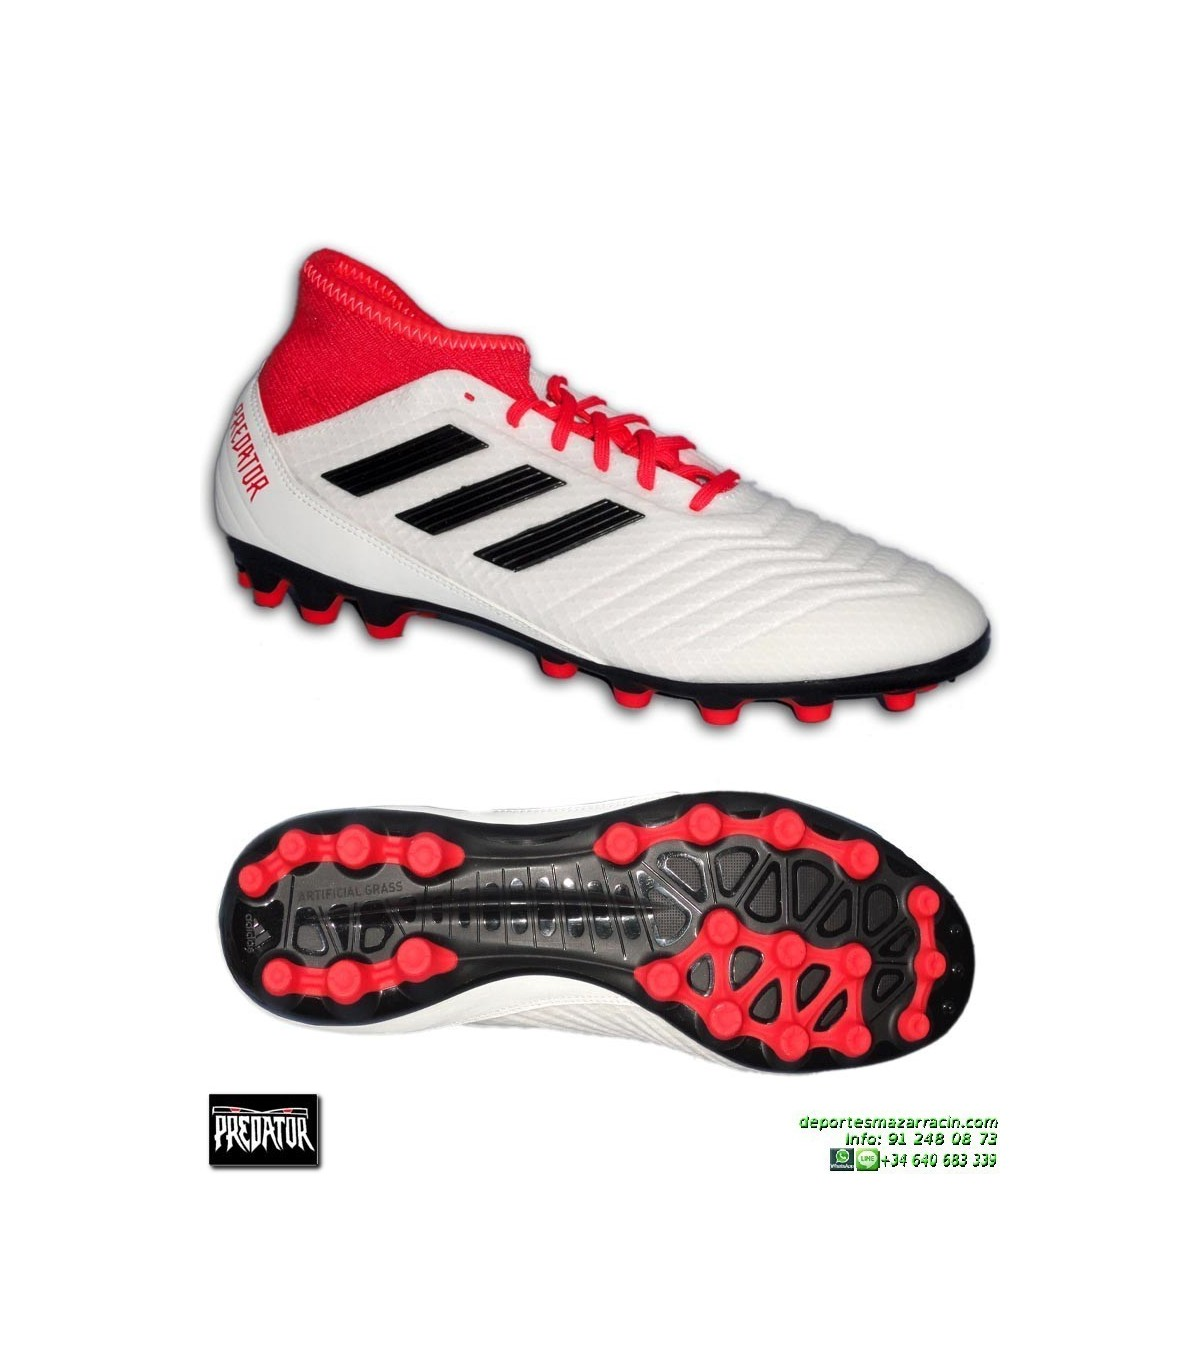 95944e6ad56 Adidas PREDATOR 18.3 AG Calcetin Blanco Bota Futbol Hierba Artificial  CP9307 · Adidas PREDATOR 18.3 AG ...